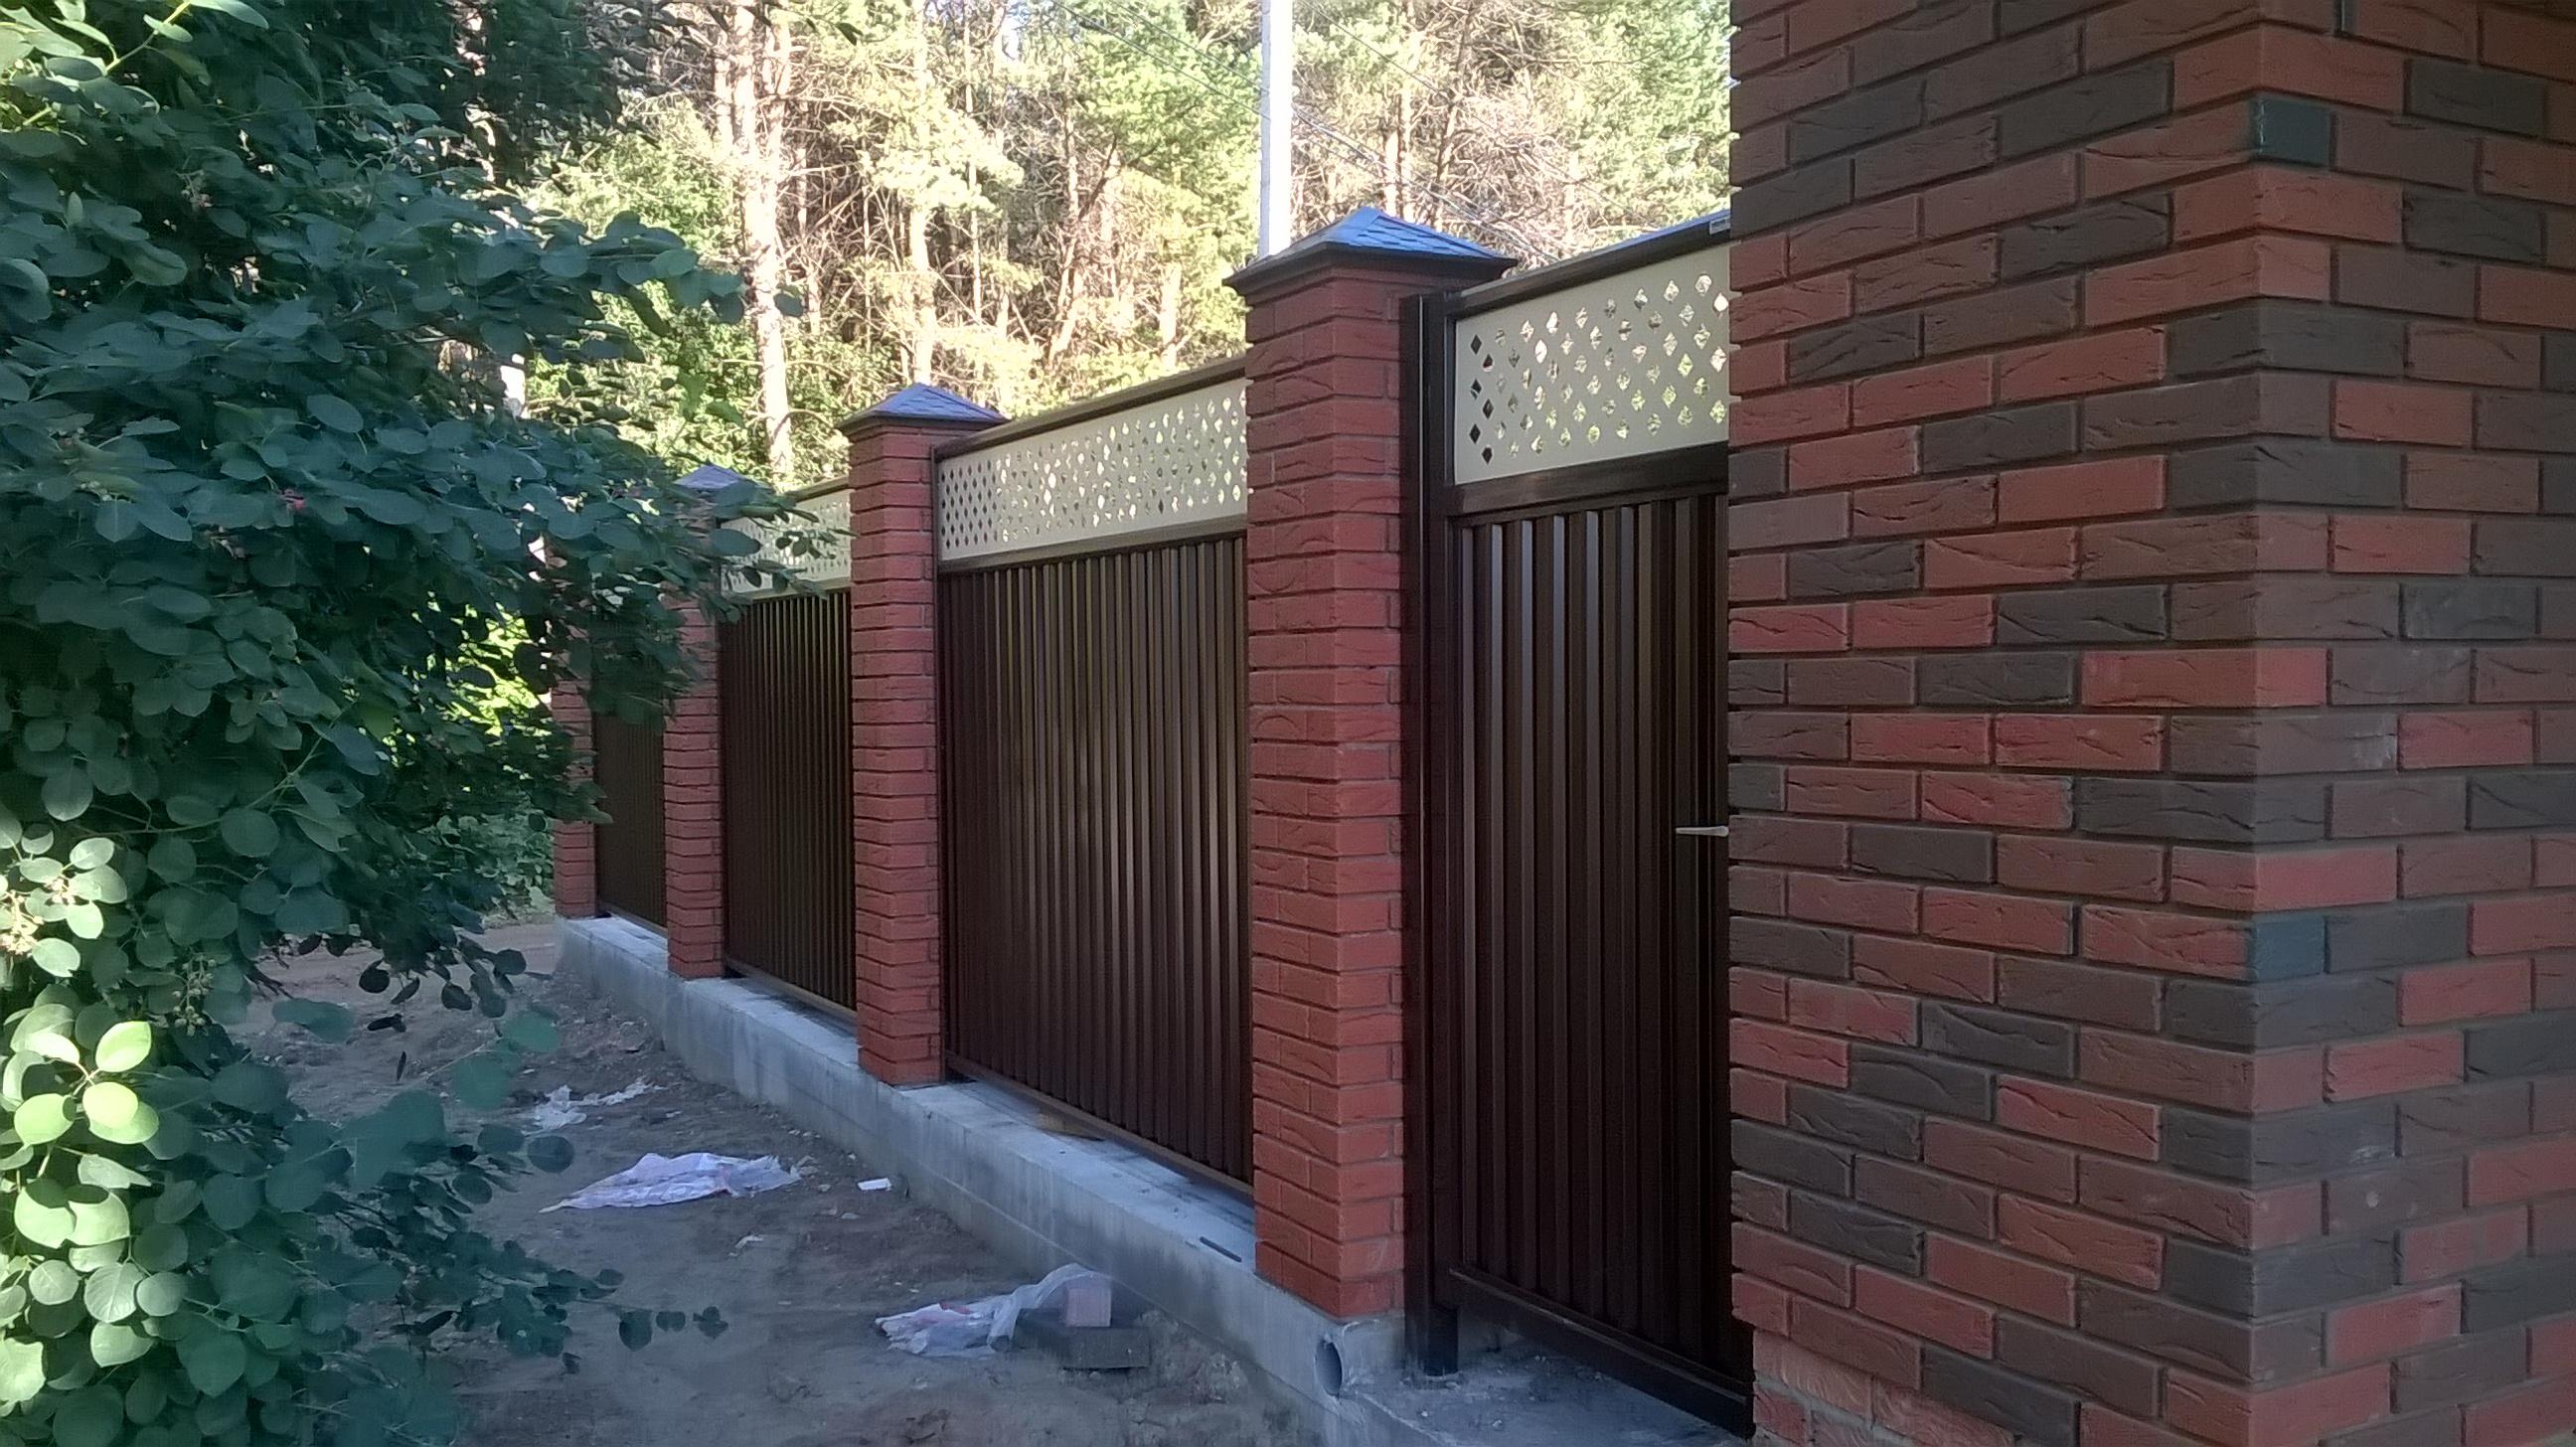 Забор из поликарбоната между соседями на даче: как установить, пошагово, фото